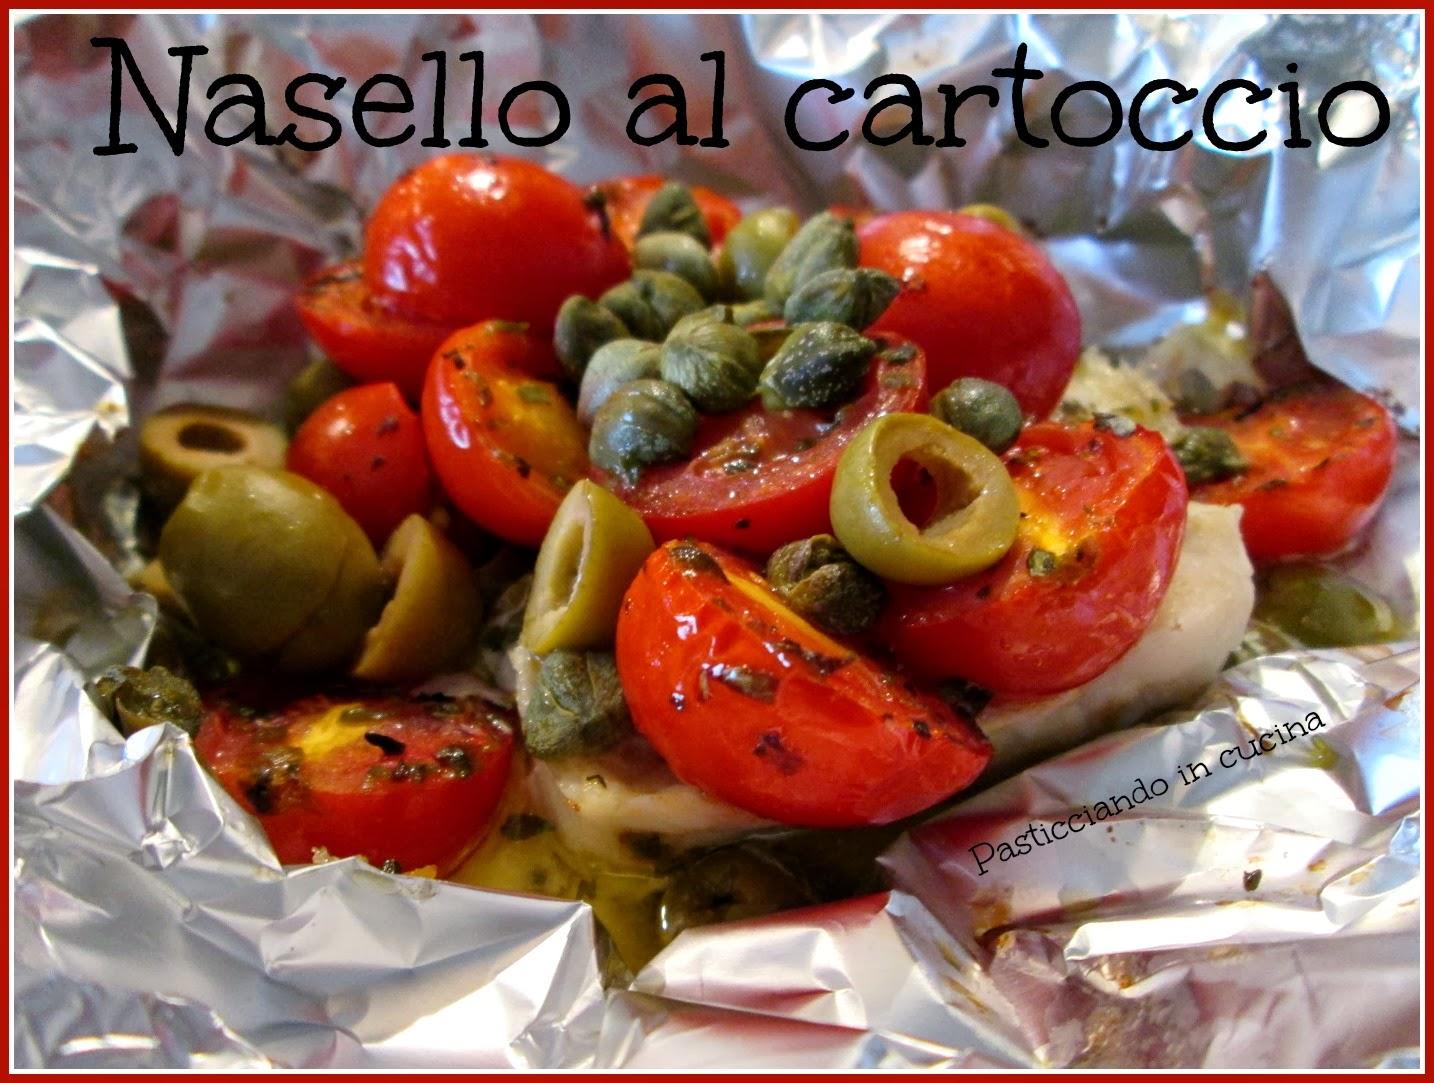 Pasticciando in cucina: Pesce al cartoccio (nasello, merluzzo ...